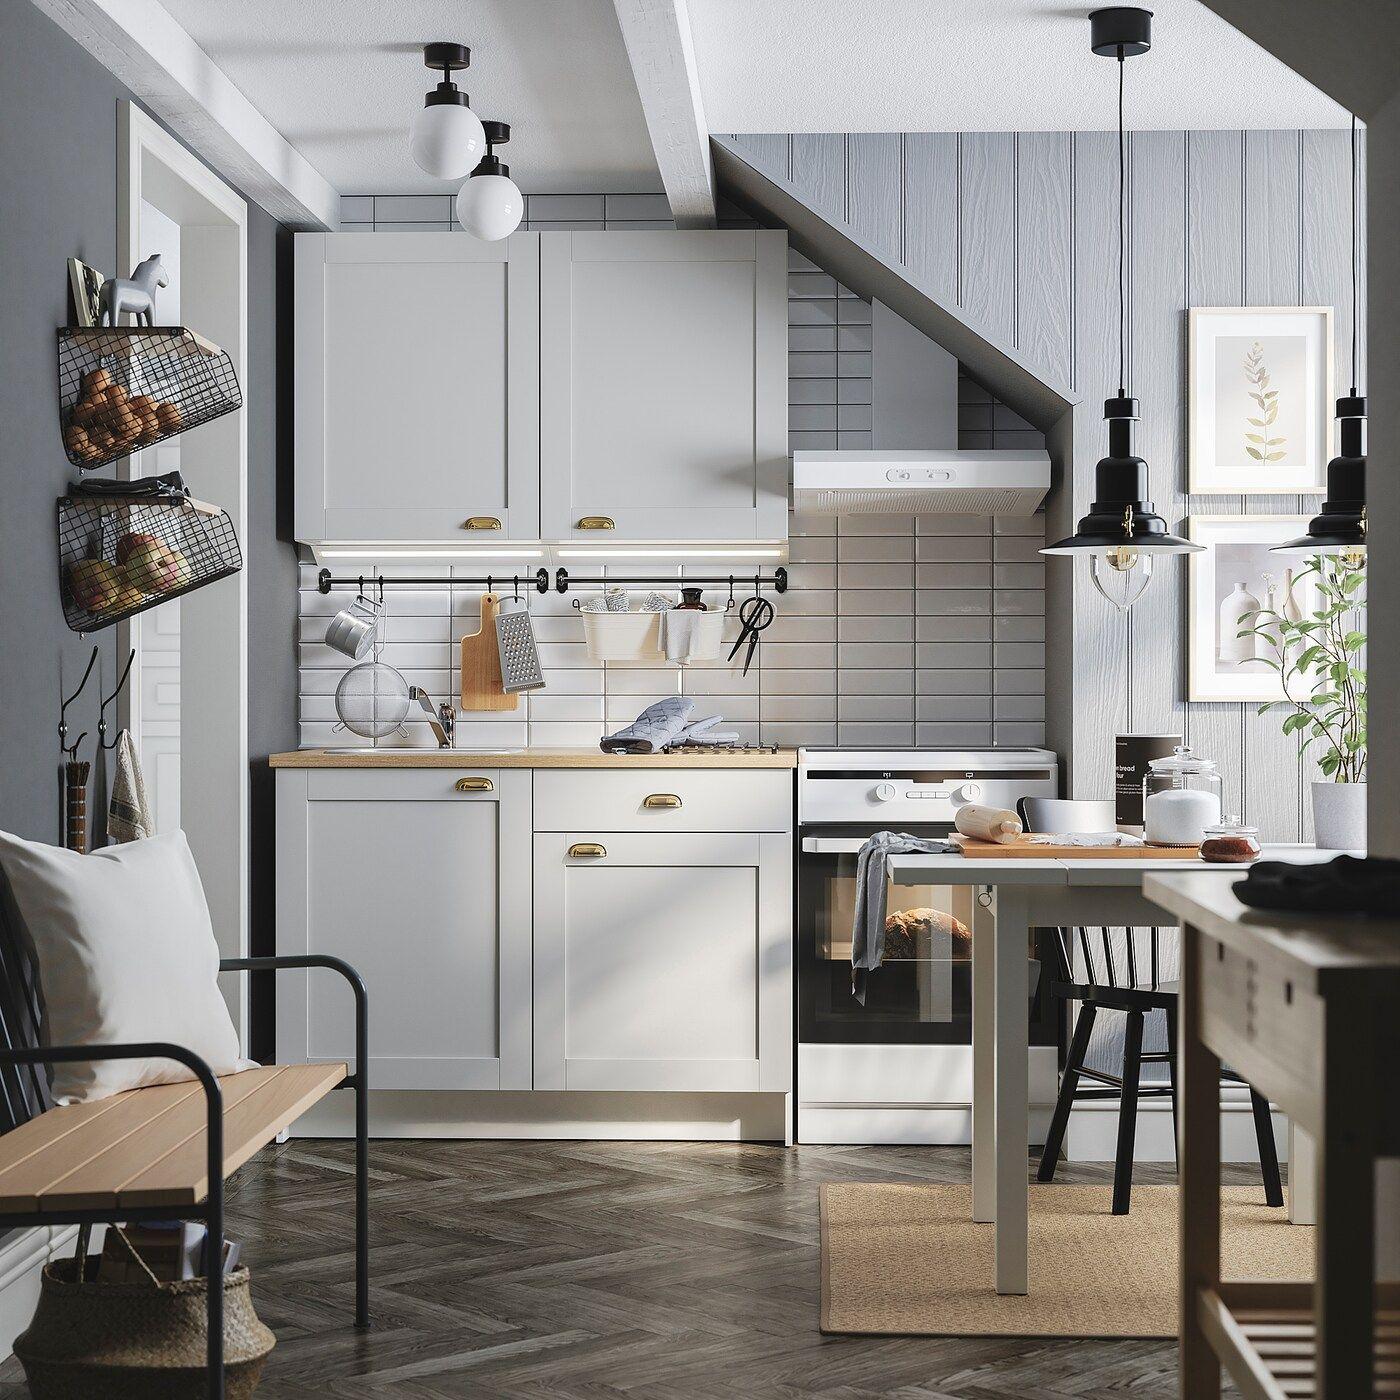 Pin On Minimalist Kitchen